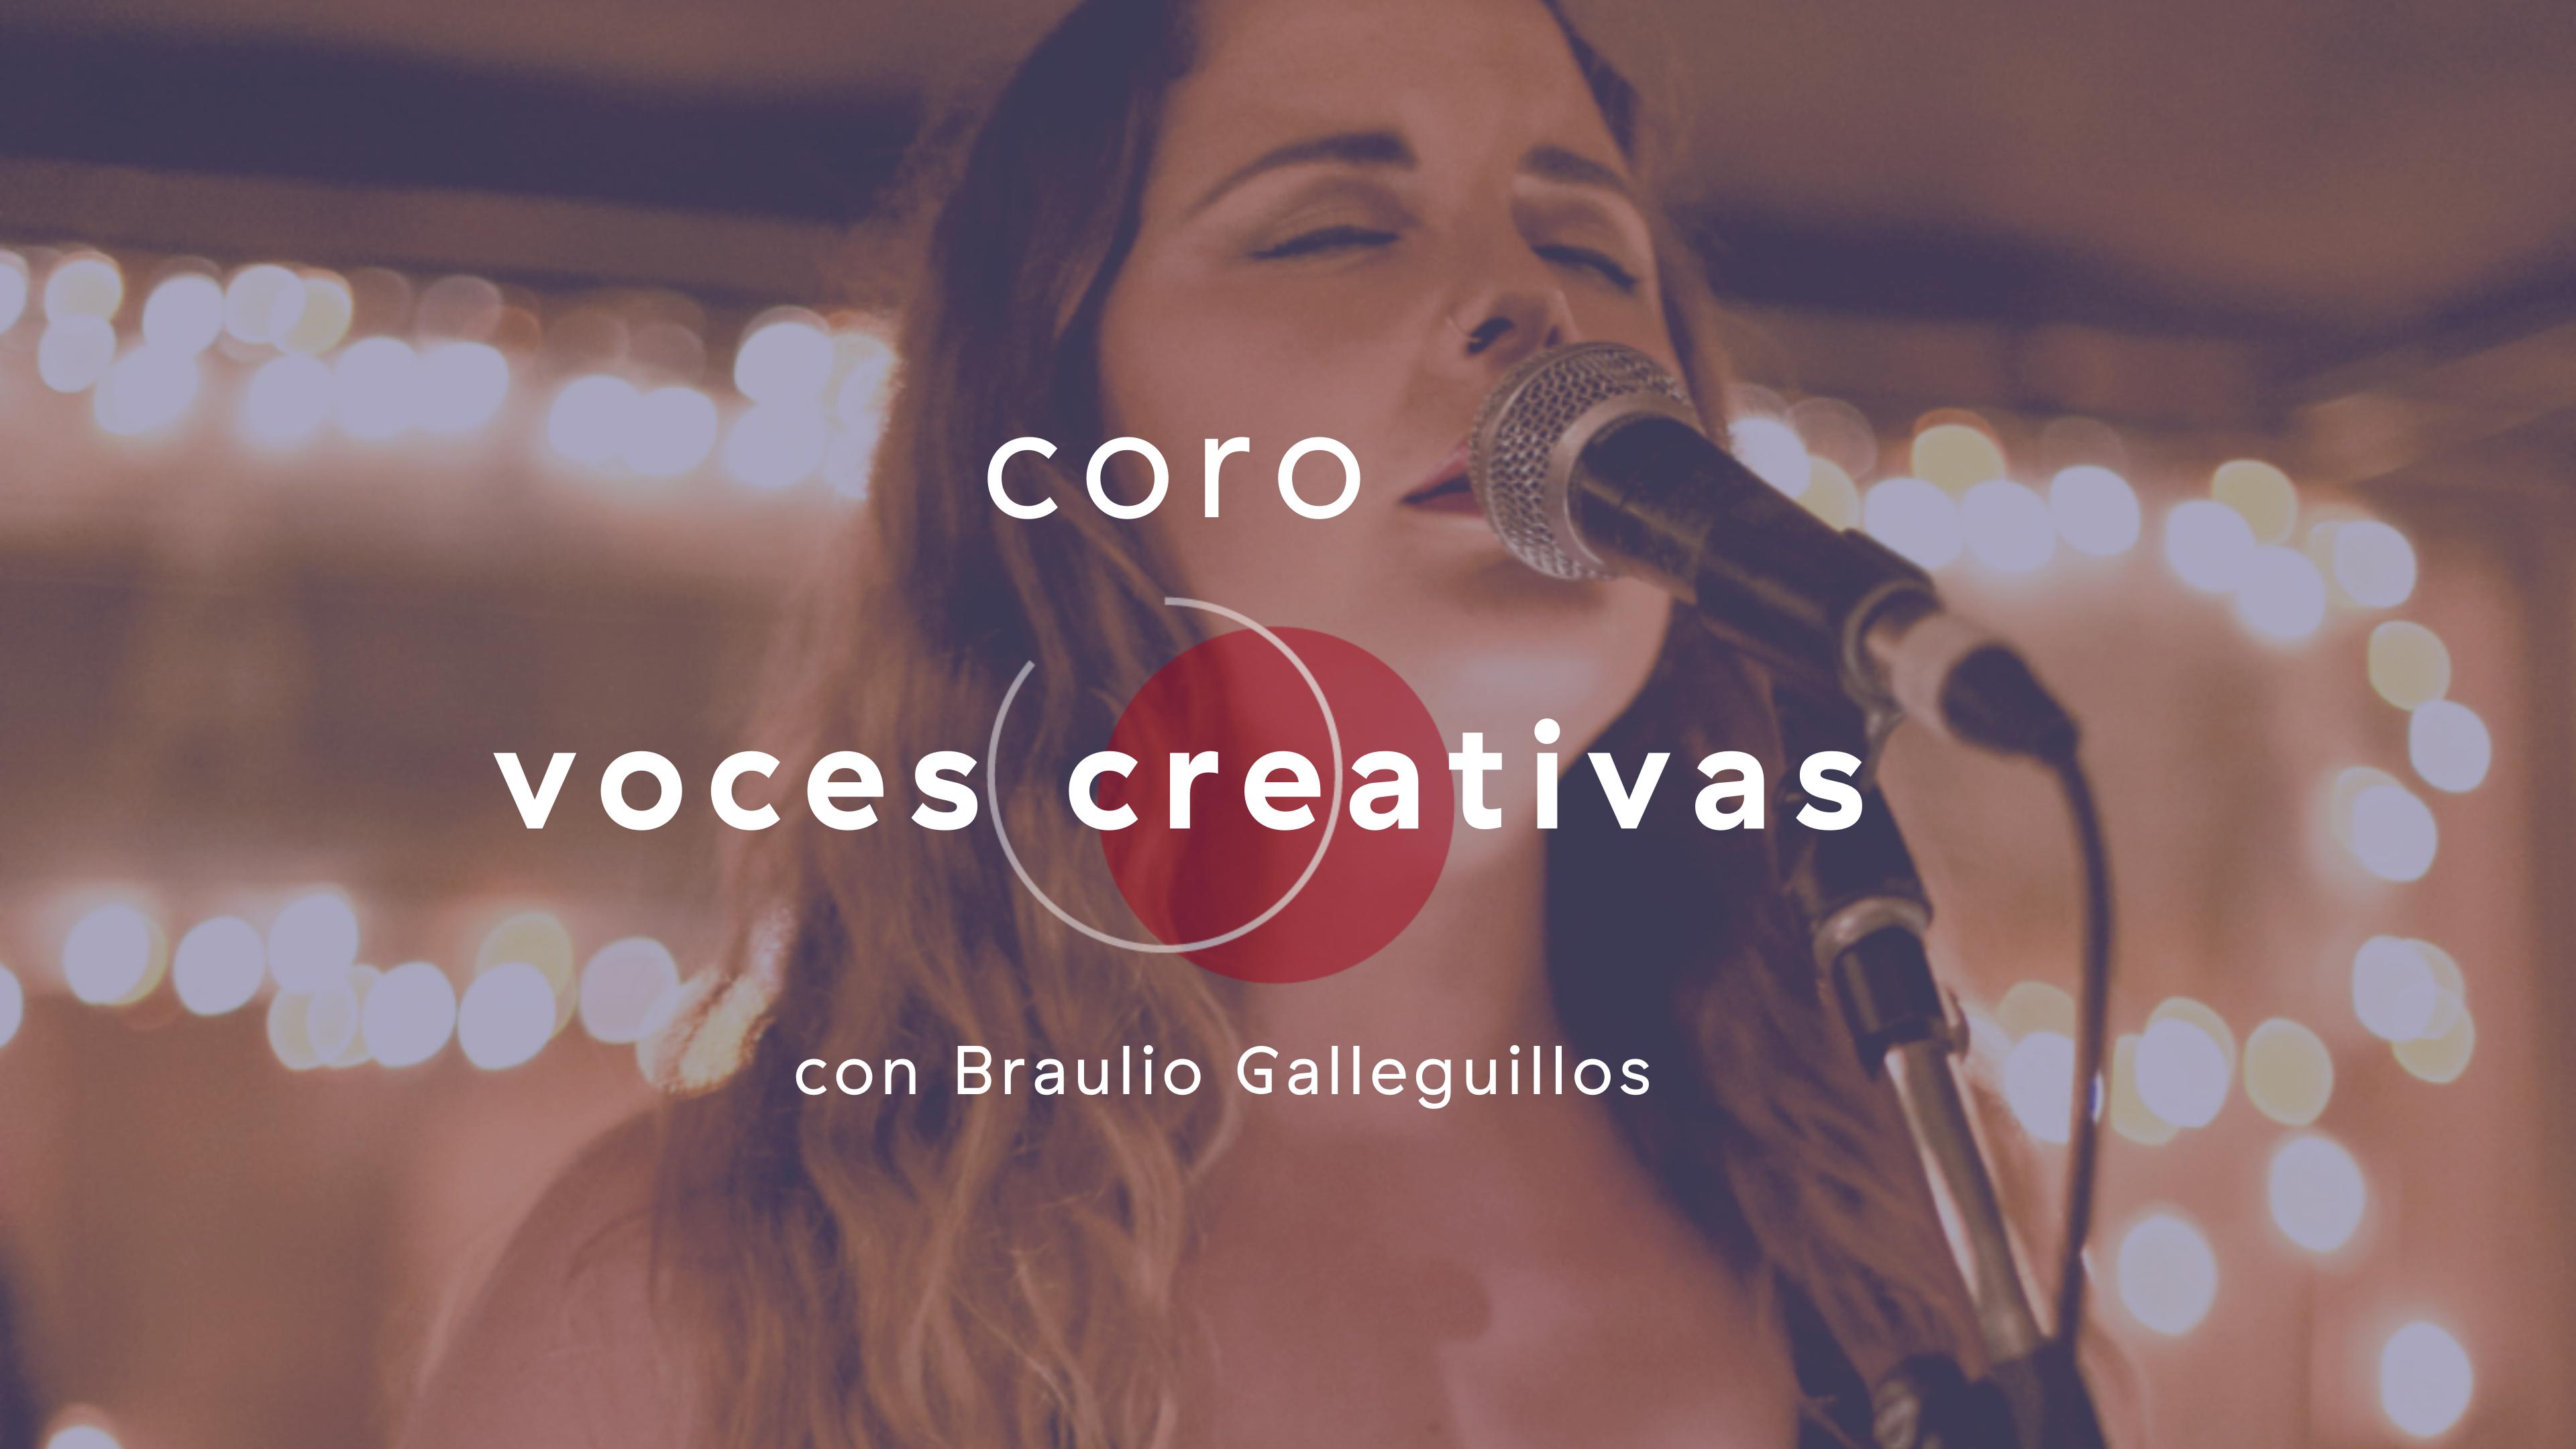 prueba de acceso coro voces creativas